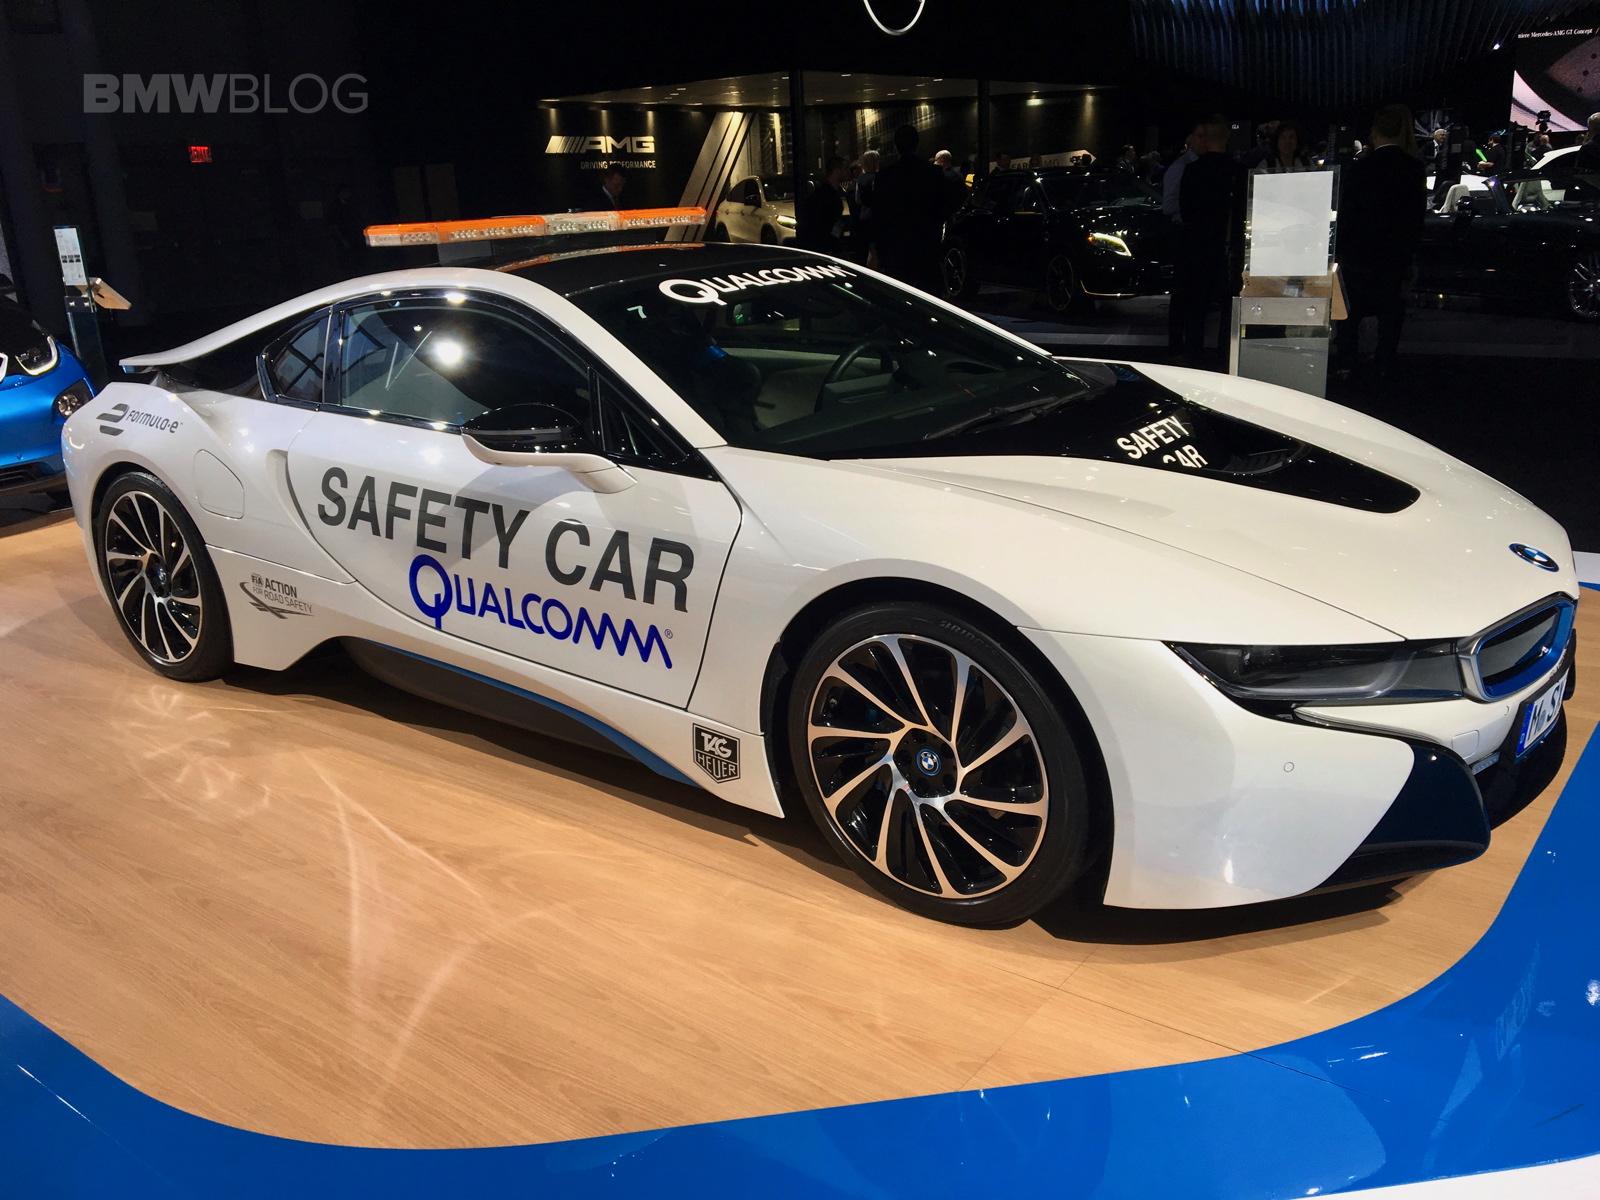 BMW i8 Safety Car nyc show 02